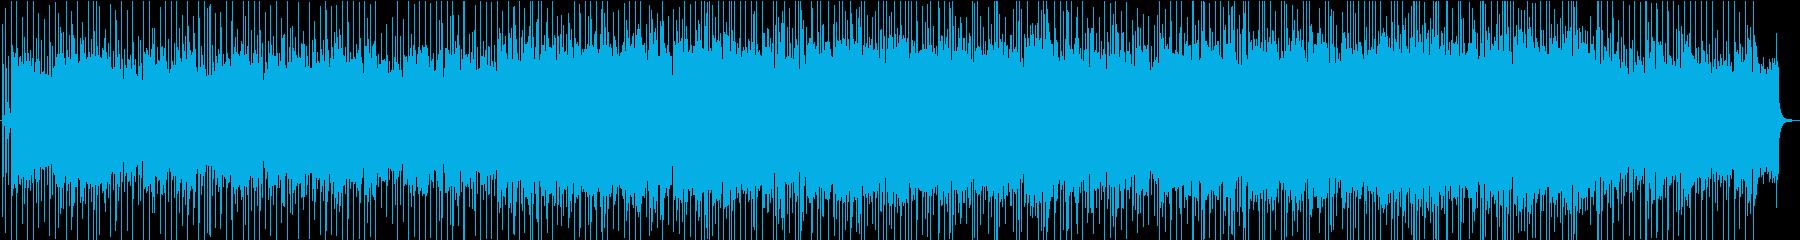 マイナーからメジャーへミディアム8ビートの再生済みの波形